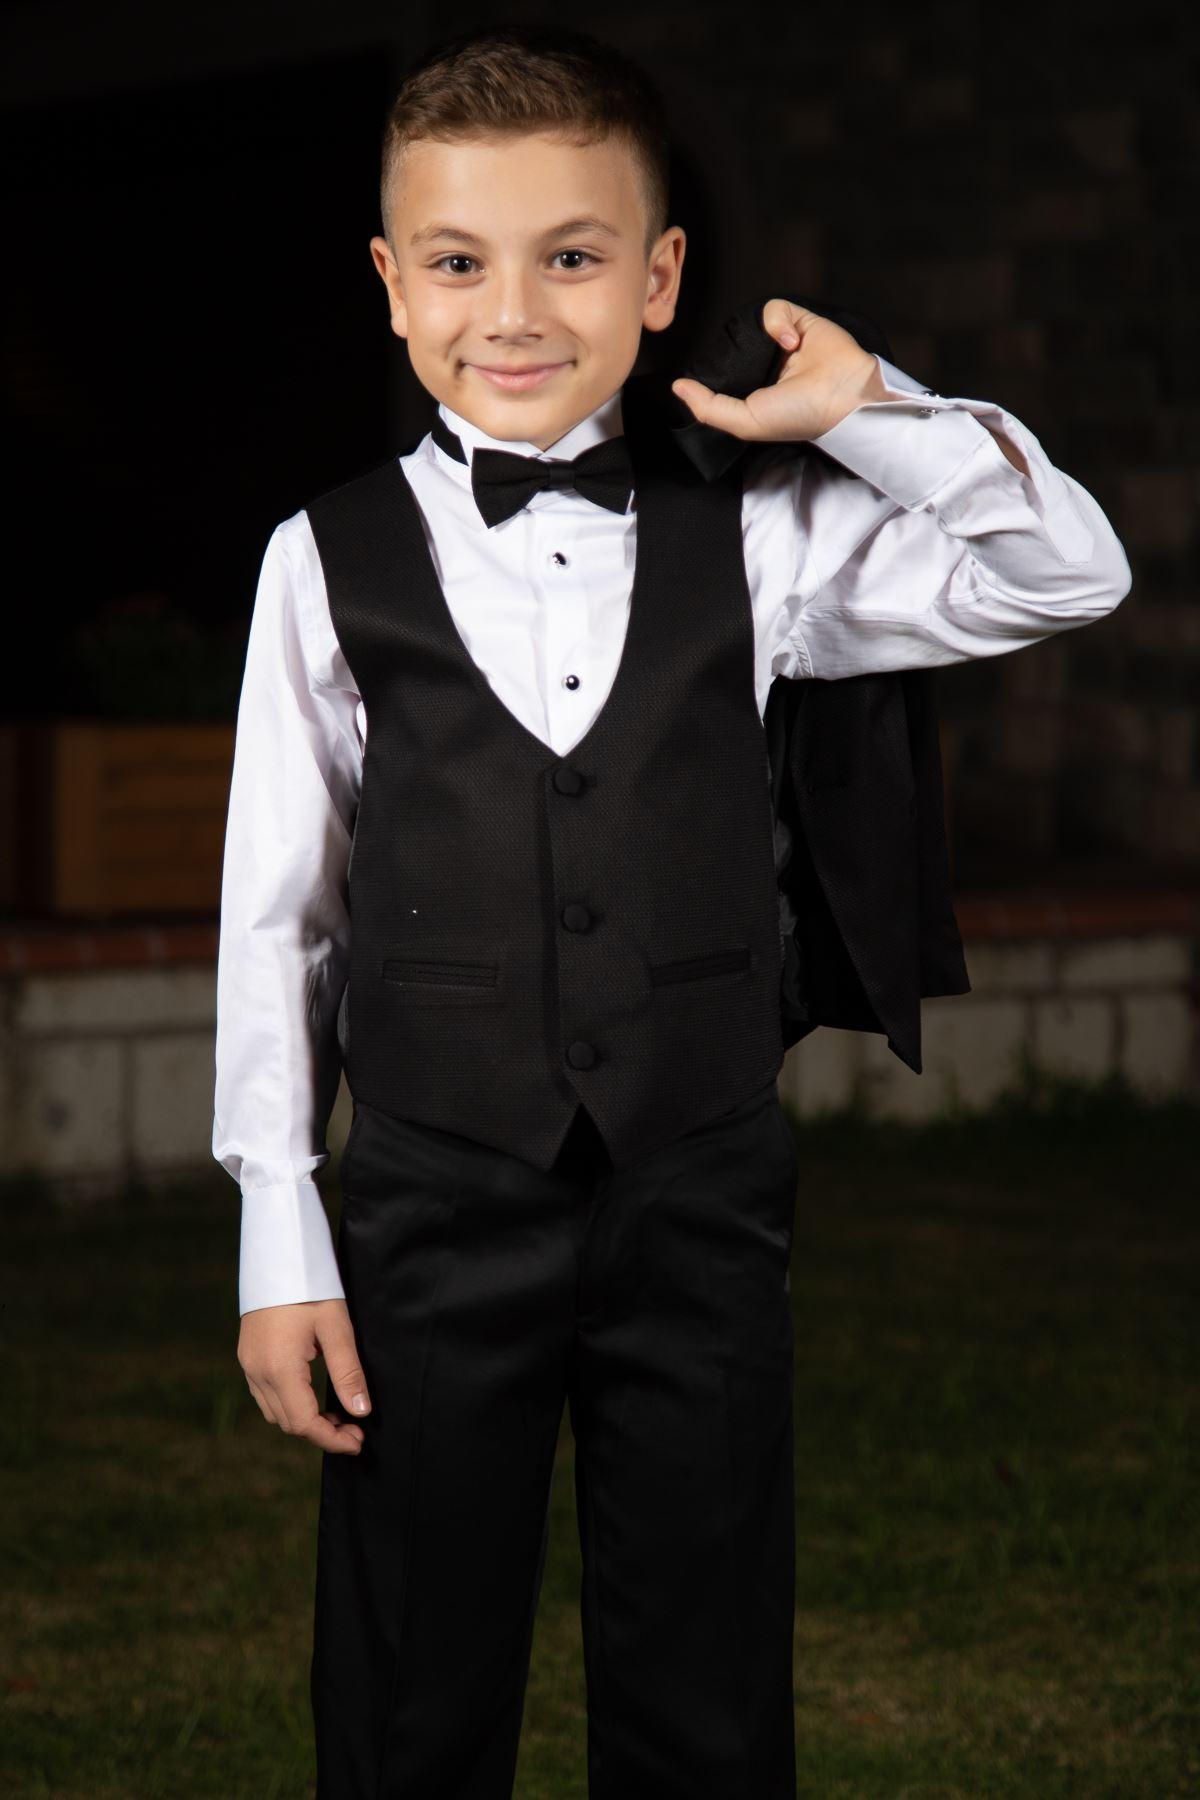 Plástový vzor, Šálový límec, kompletní sada 4 kusy chlapecký speciální oblek 188 Černá